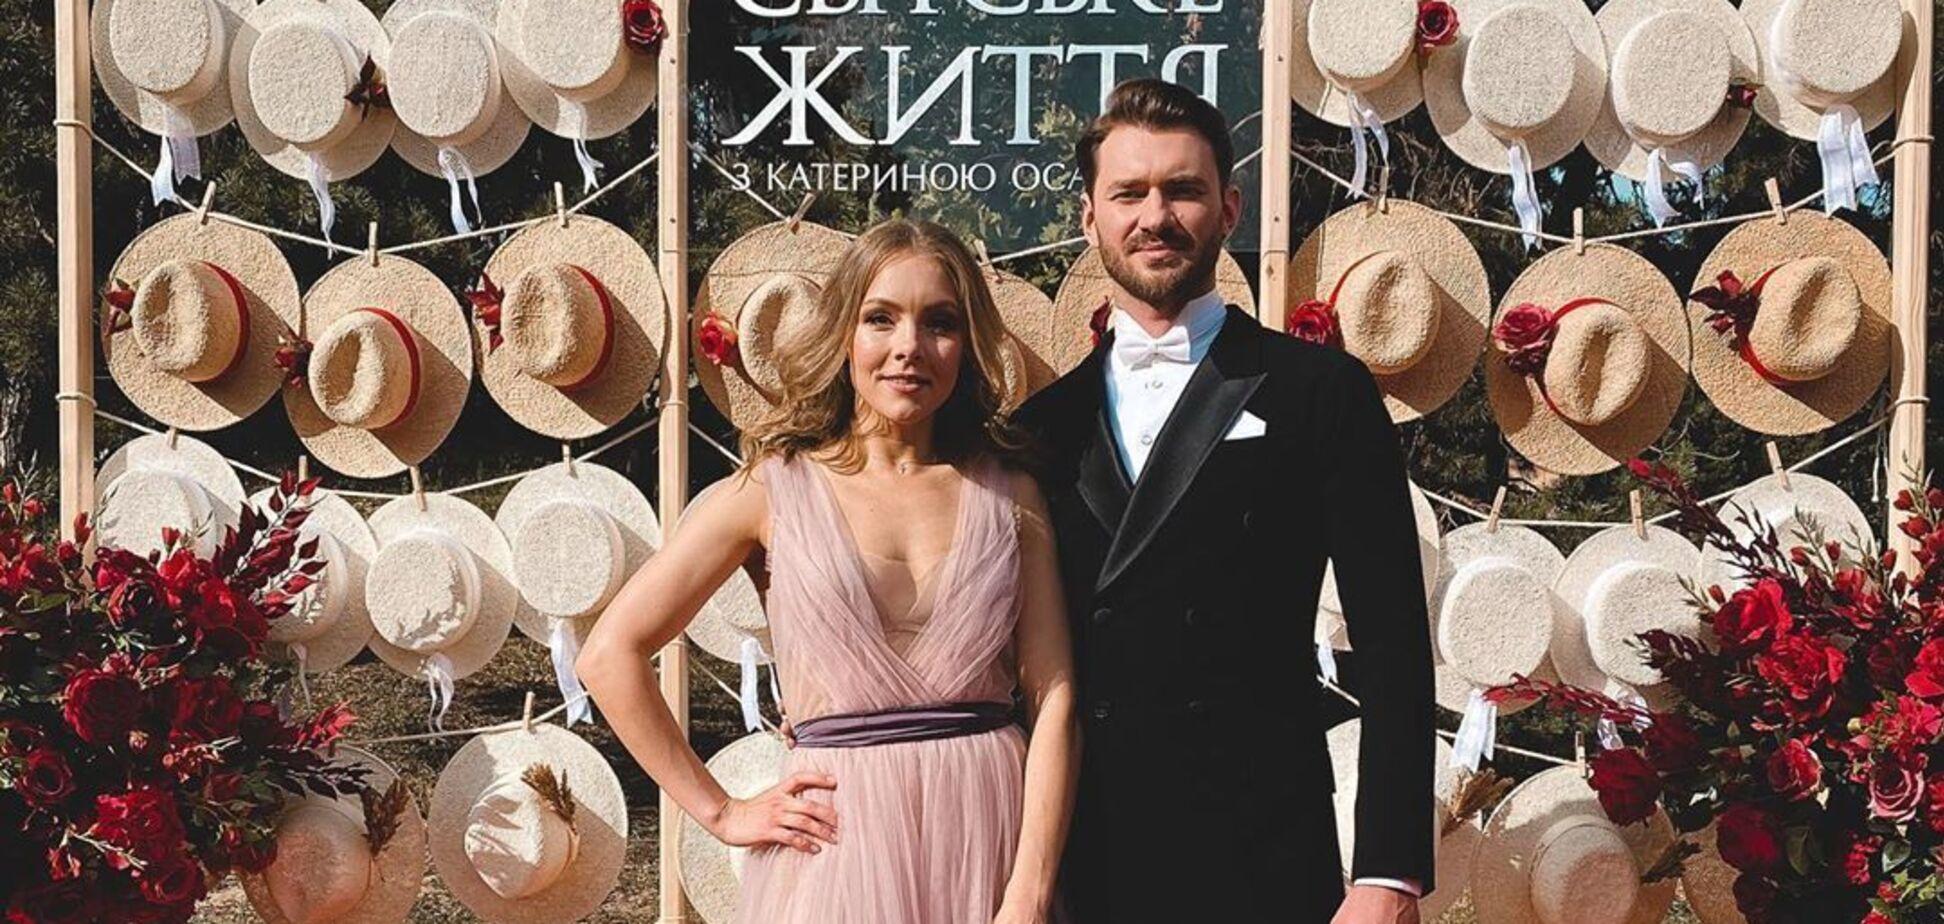 Дмитрий Дикусар признался, как пережил расставание с Аленой Шоптенко